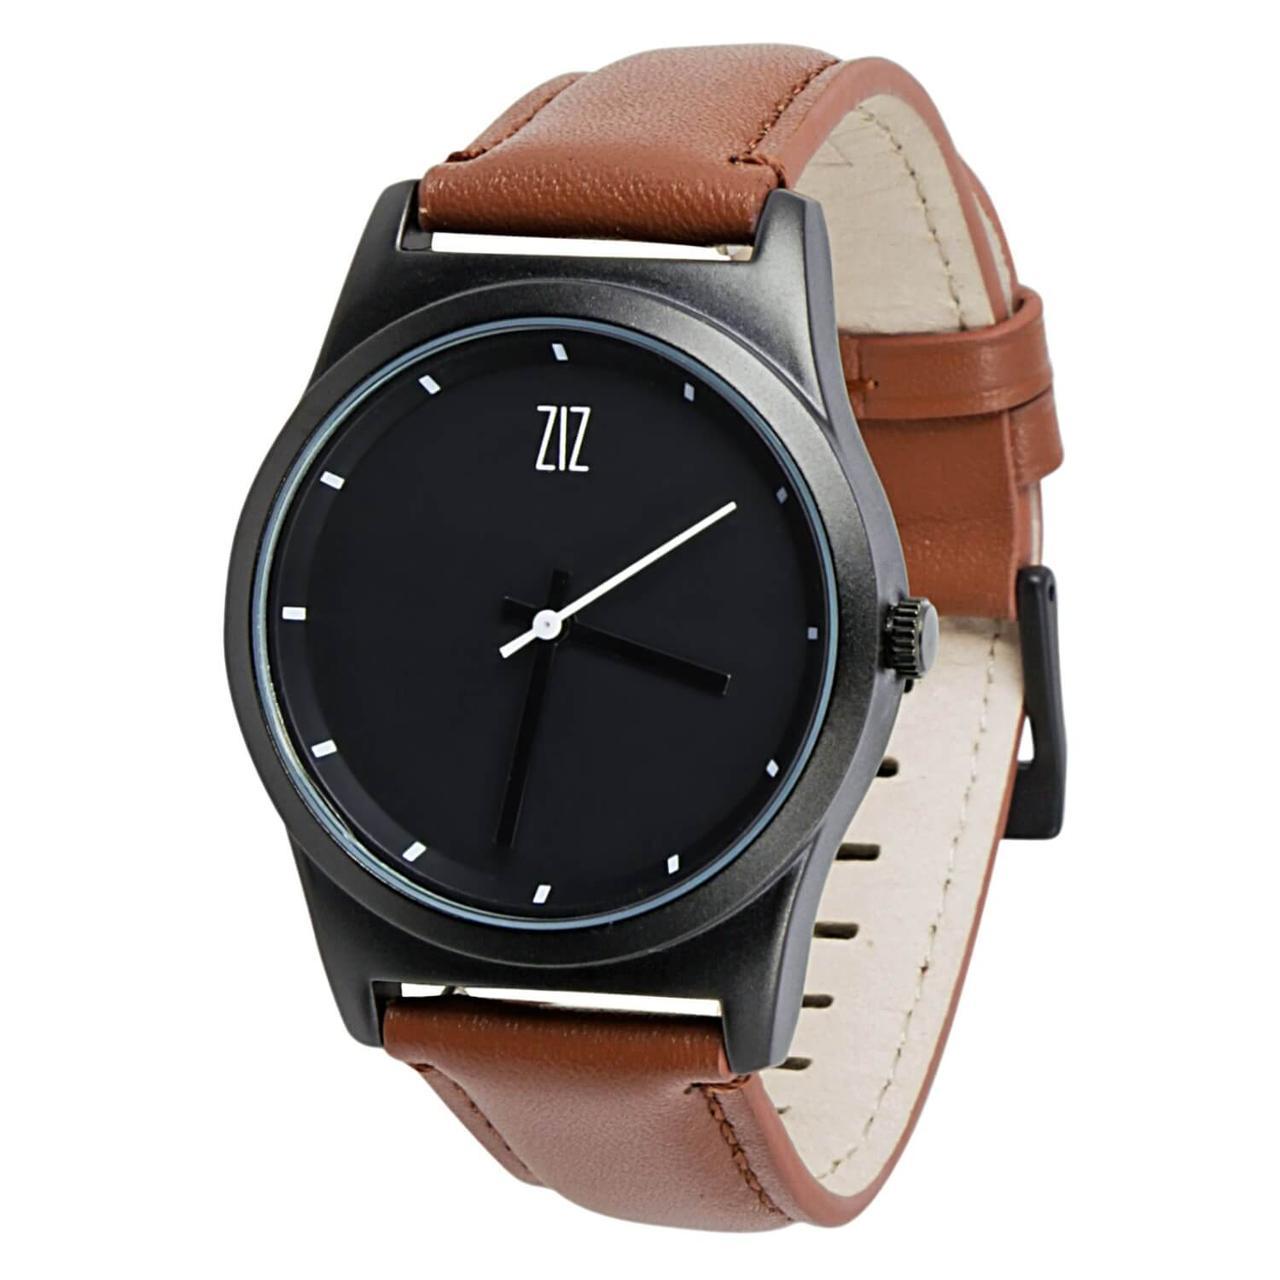 Часы ZIZ Black на кожаном ремешке + доп. ремешок + подарочная коробка (4100143)